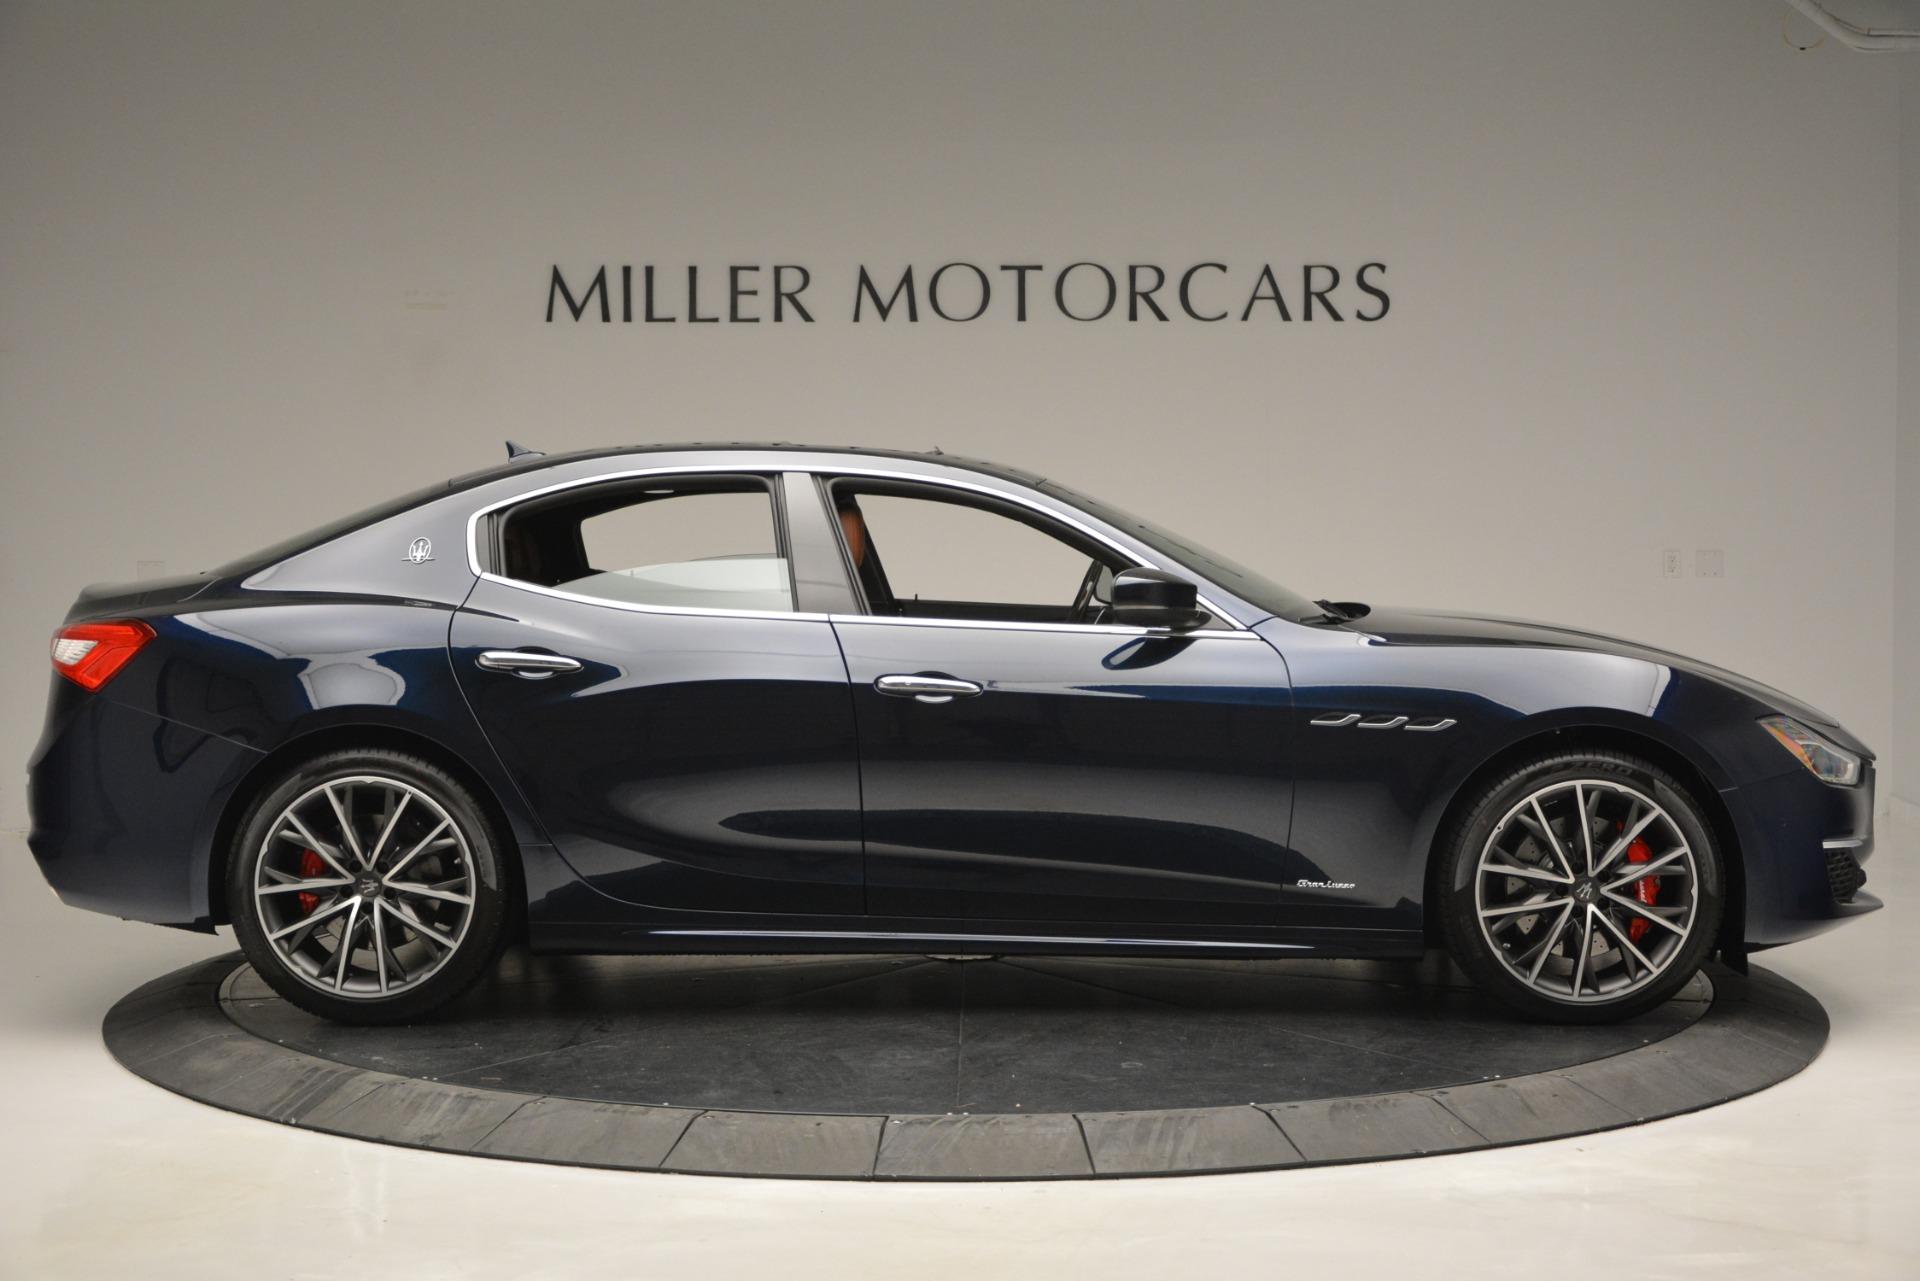 New 2019 Maserati Ghibli S Q4 GranLusso For Sale In Greenwich, CT. Alfa Romeo of Greenwich, M2251 2882_p13